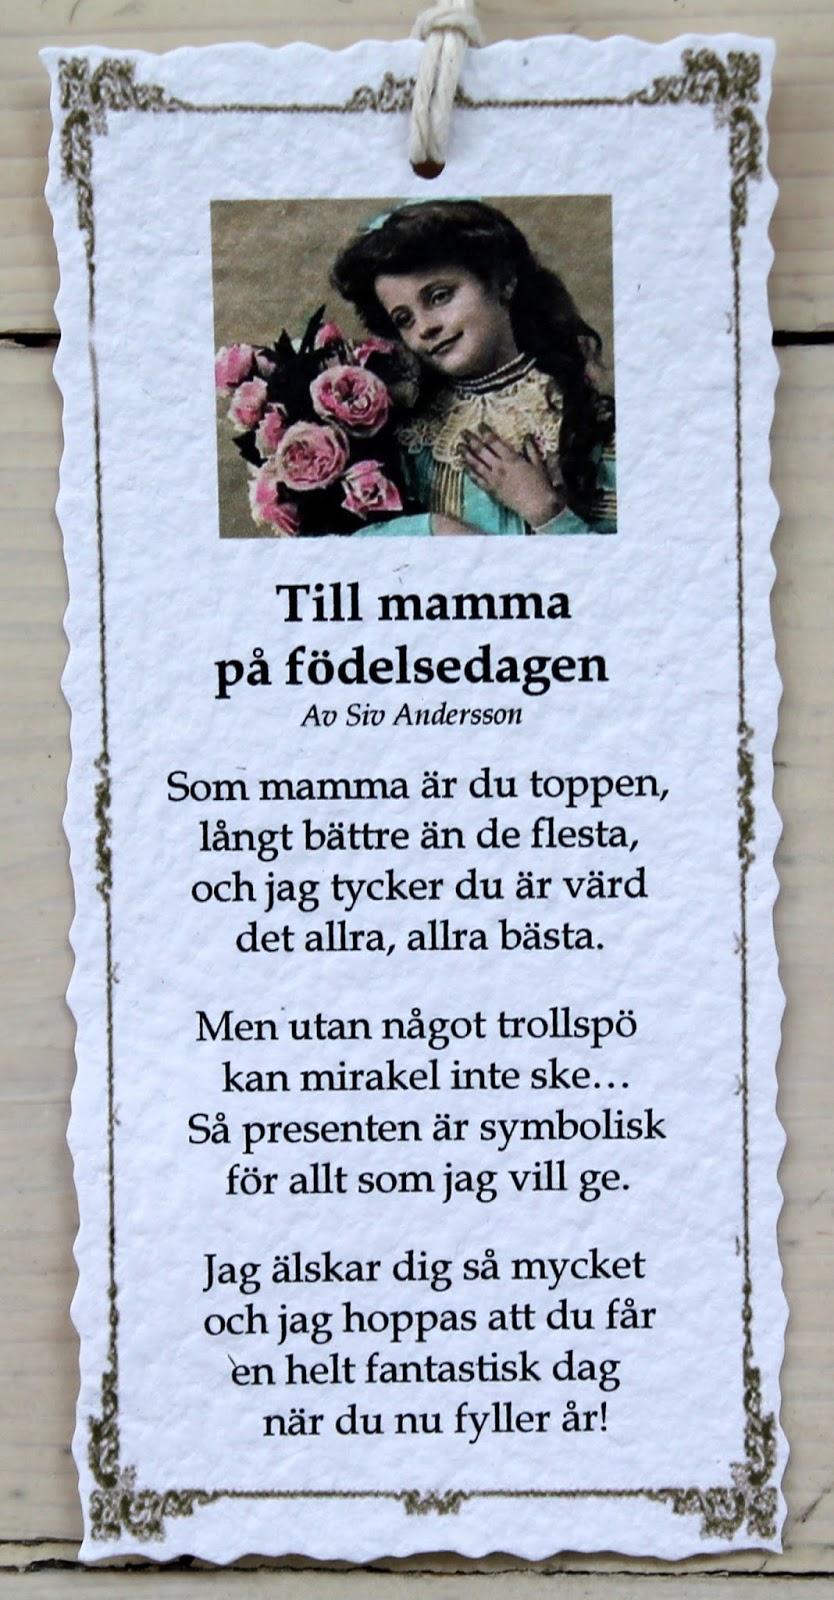 grattis på födelsedagen mamma dikt Annas idéer bloggbutik: september 2015 grattis på födelsedagen mamma dikt